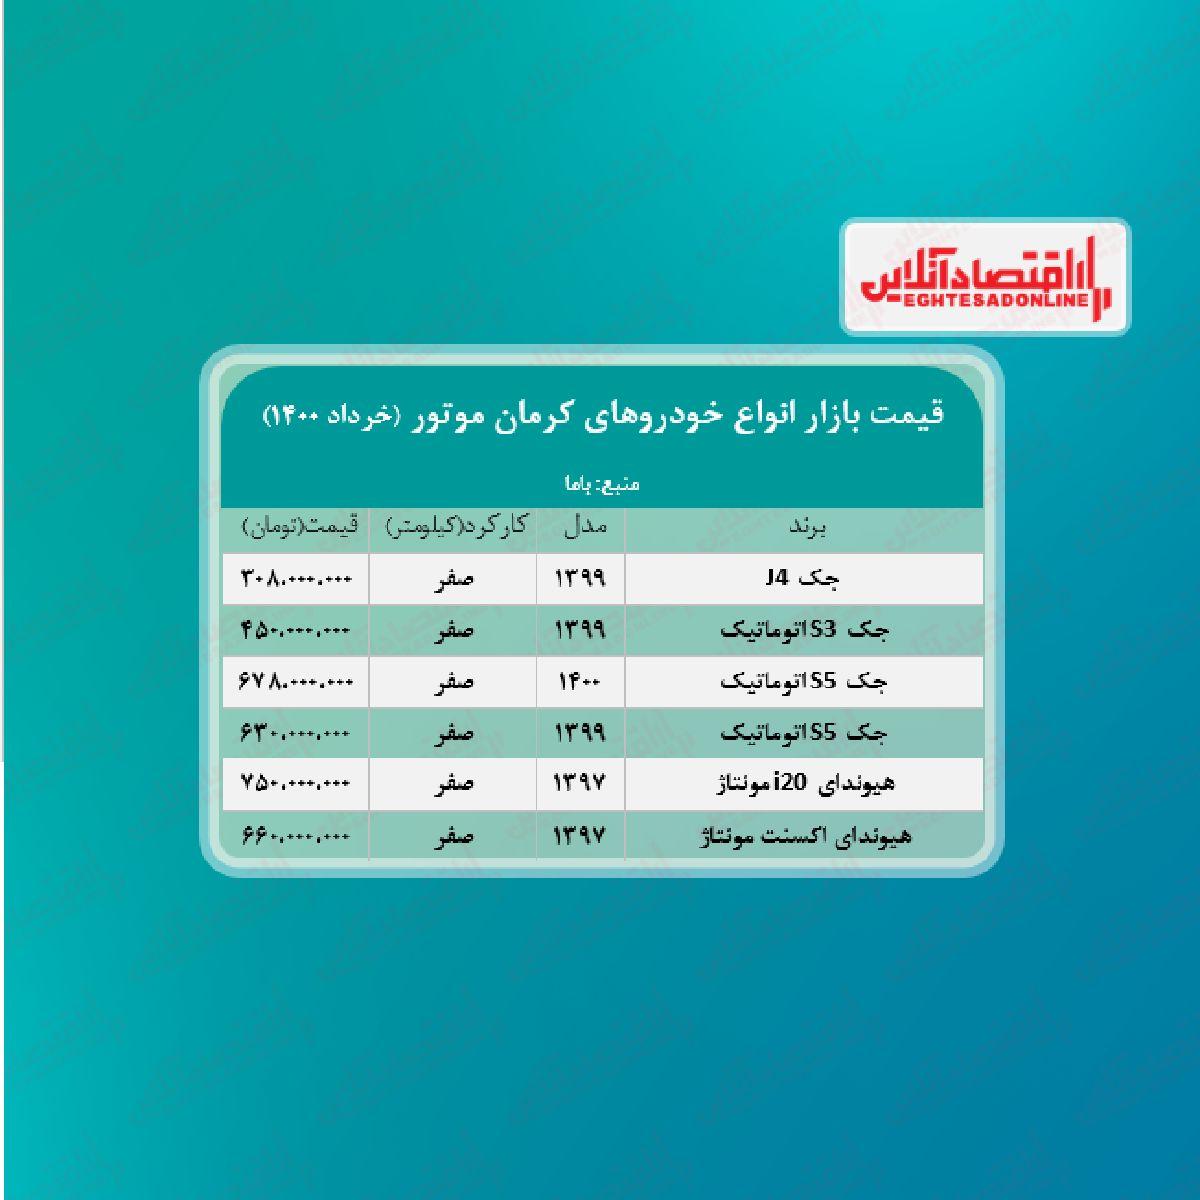 قیمت محصولات کرمان موتور امروز ۱۴۰۰/۳/۲۳